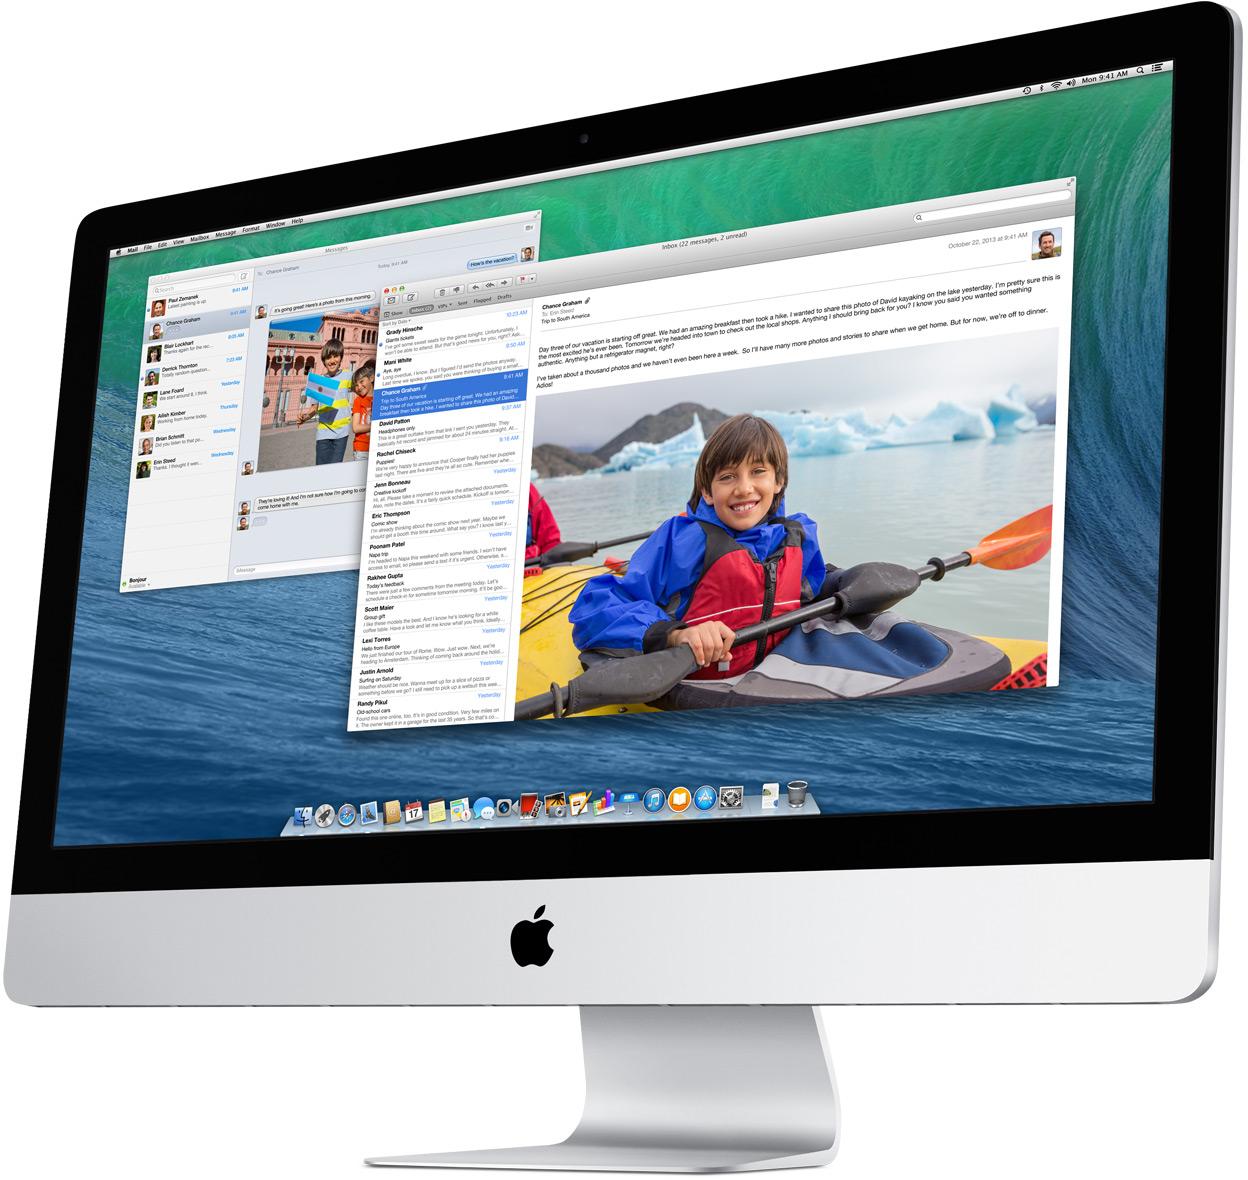 OS X Mavericks rodando num iMac